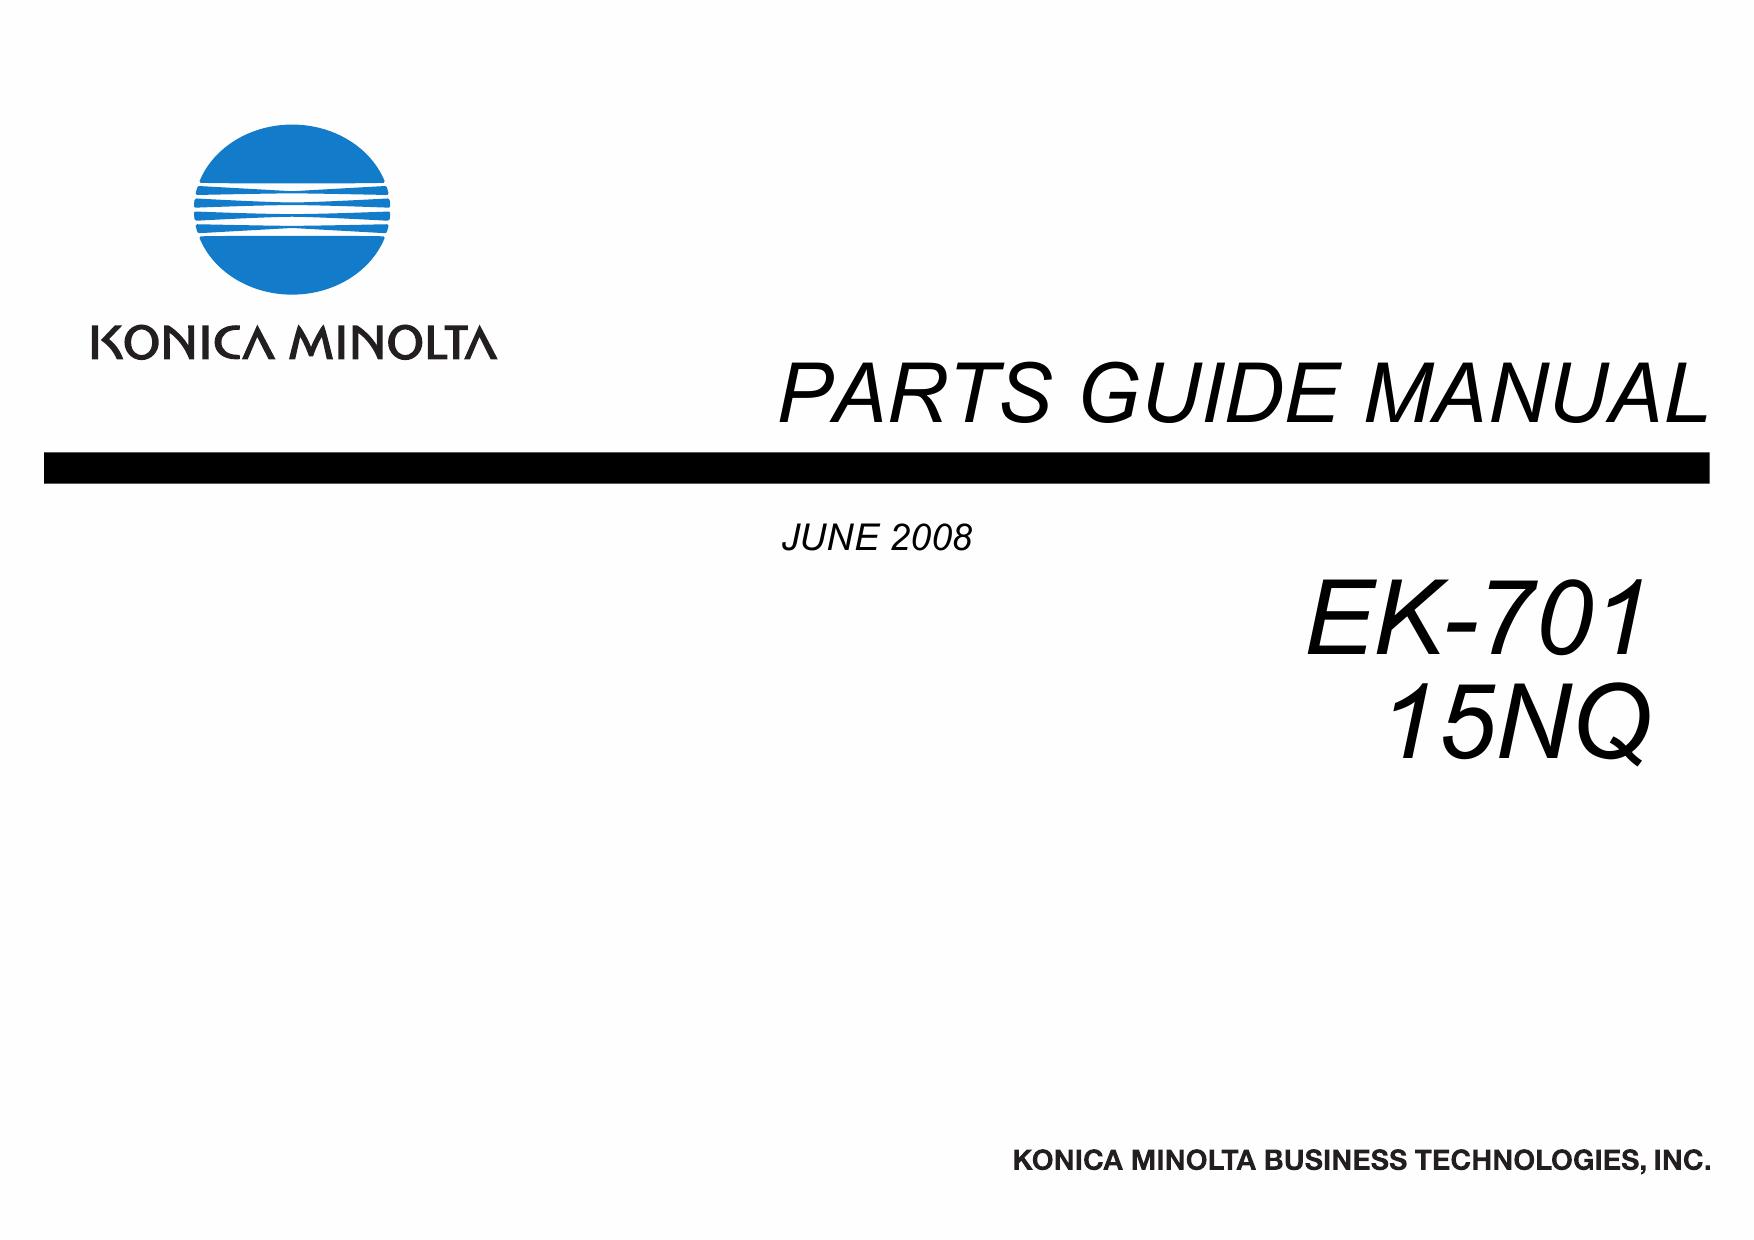 Konica-Minolta Options EK-701 15NQ Parts Manual